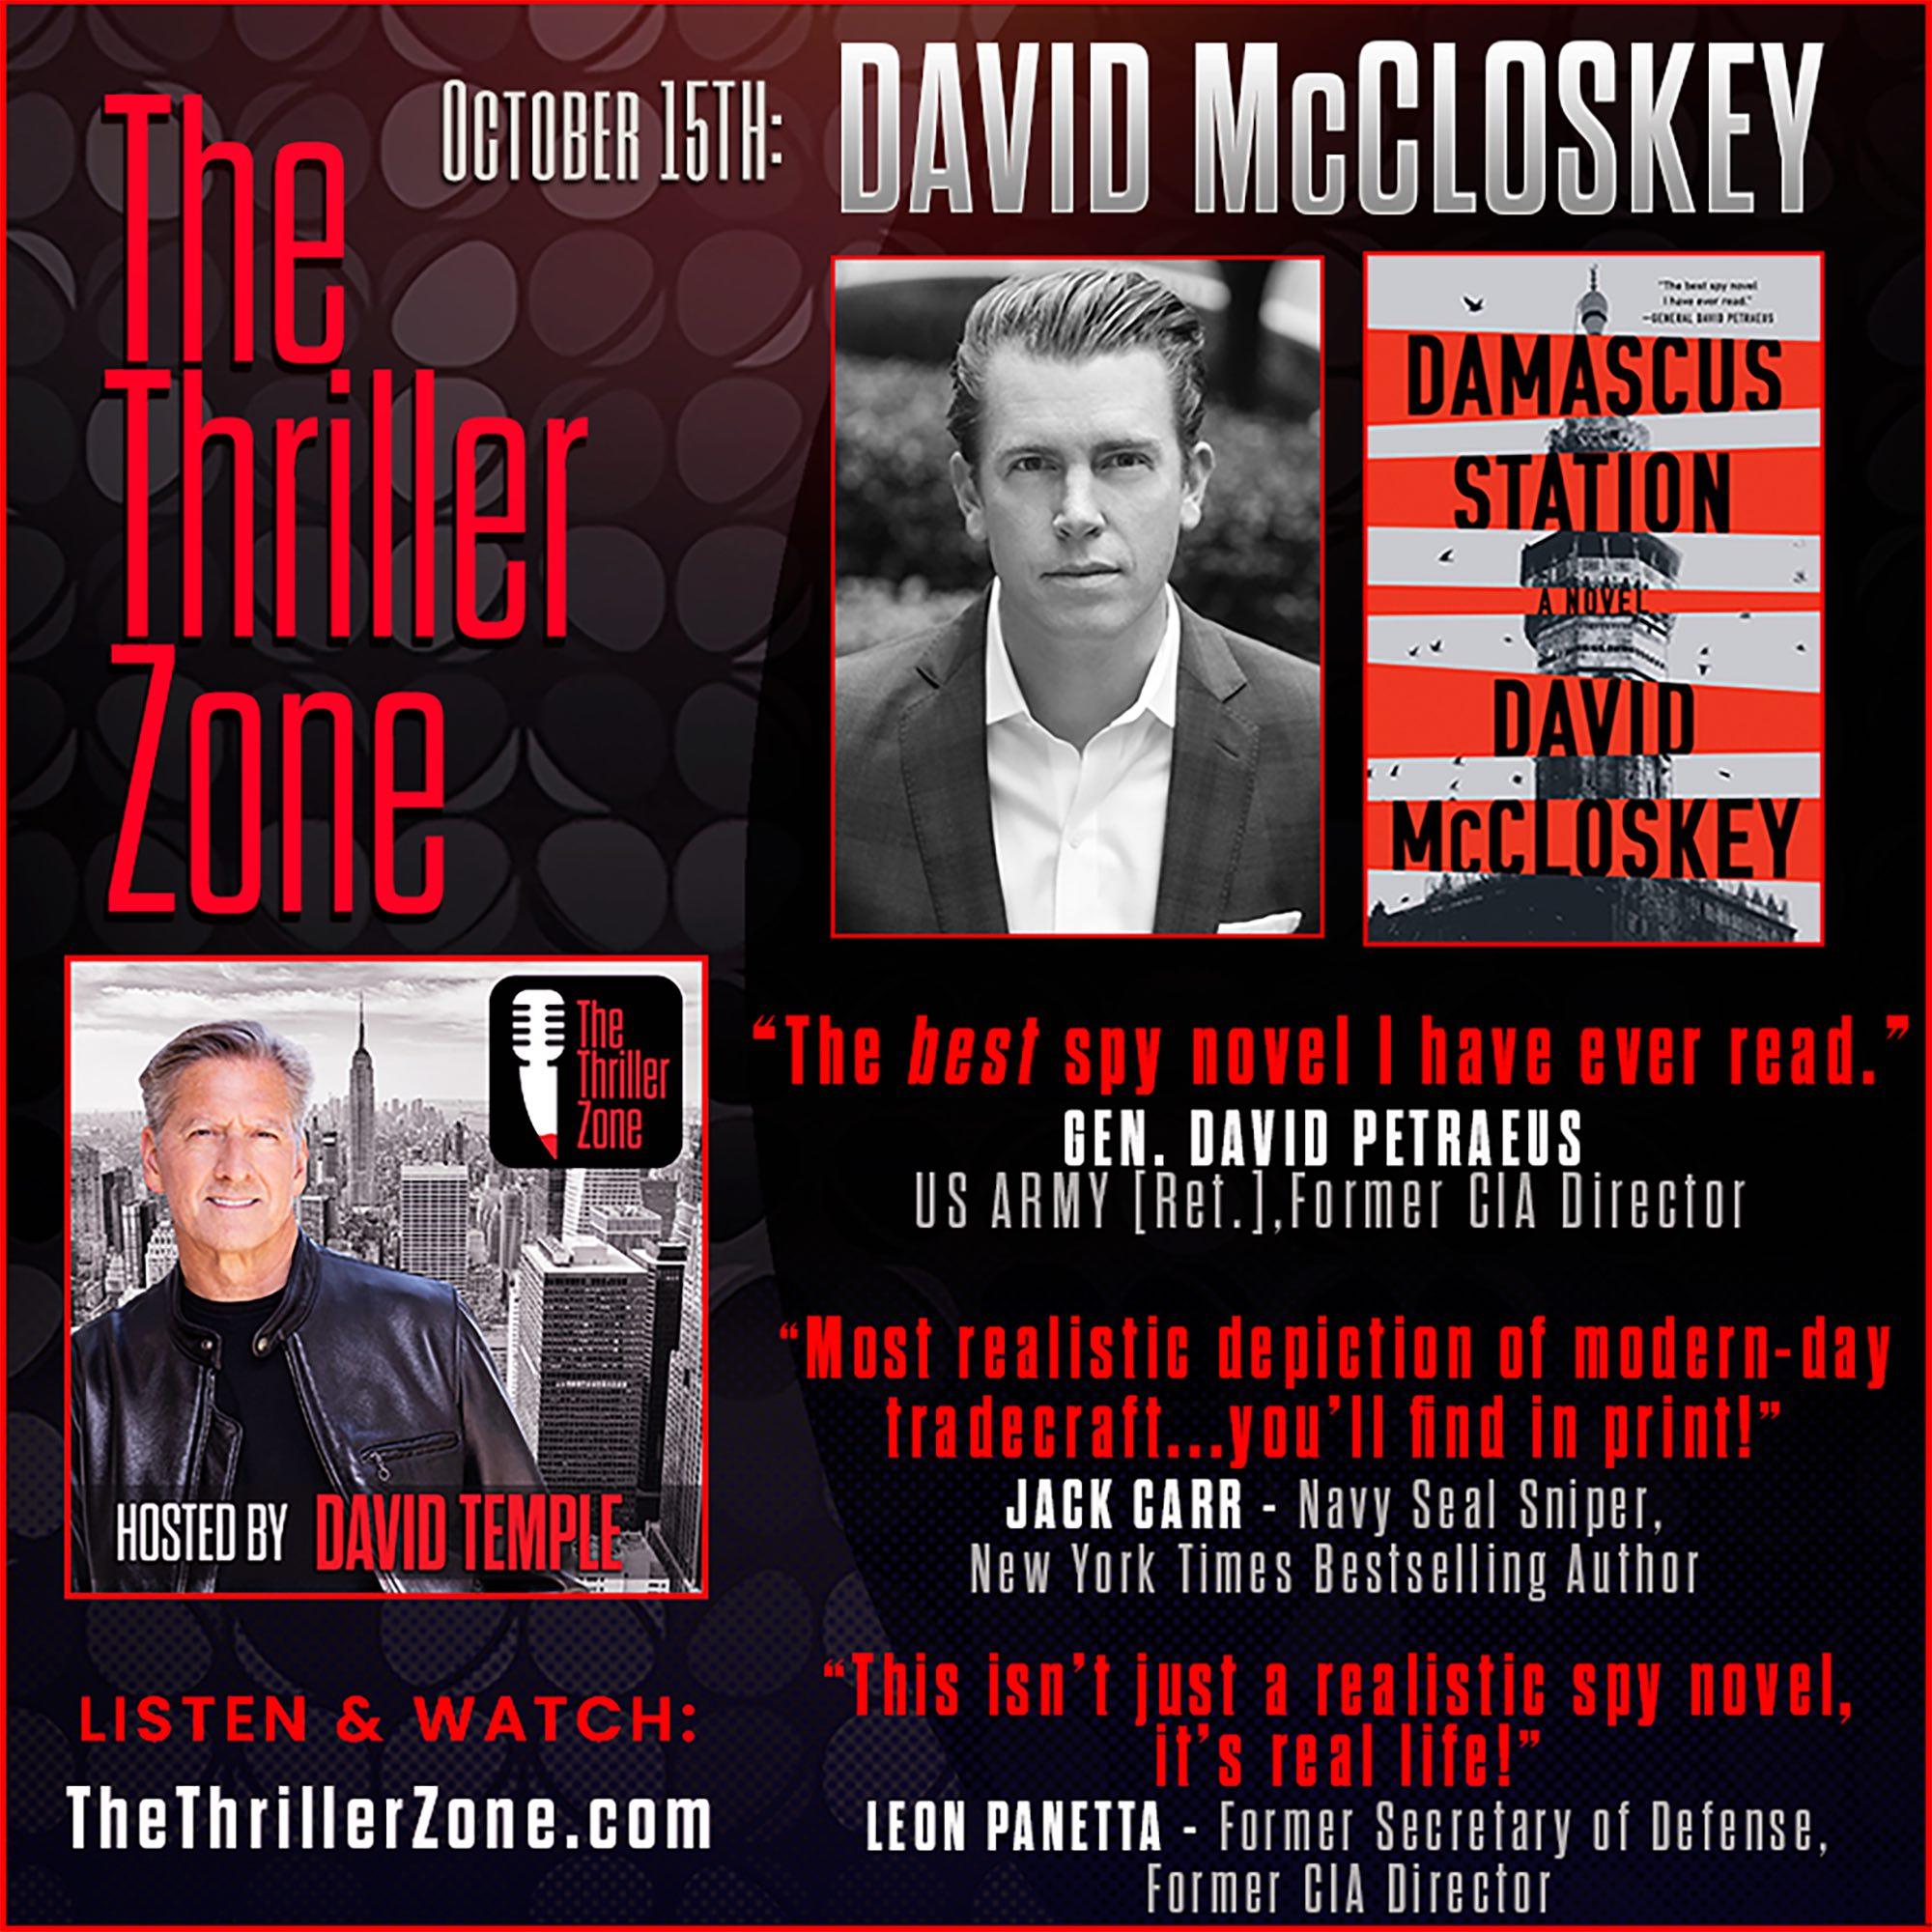 Artwork for podcast The Thriller Zone